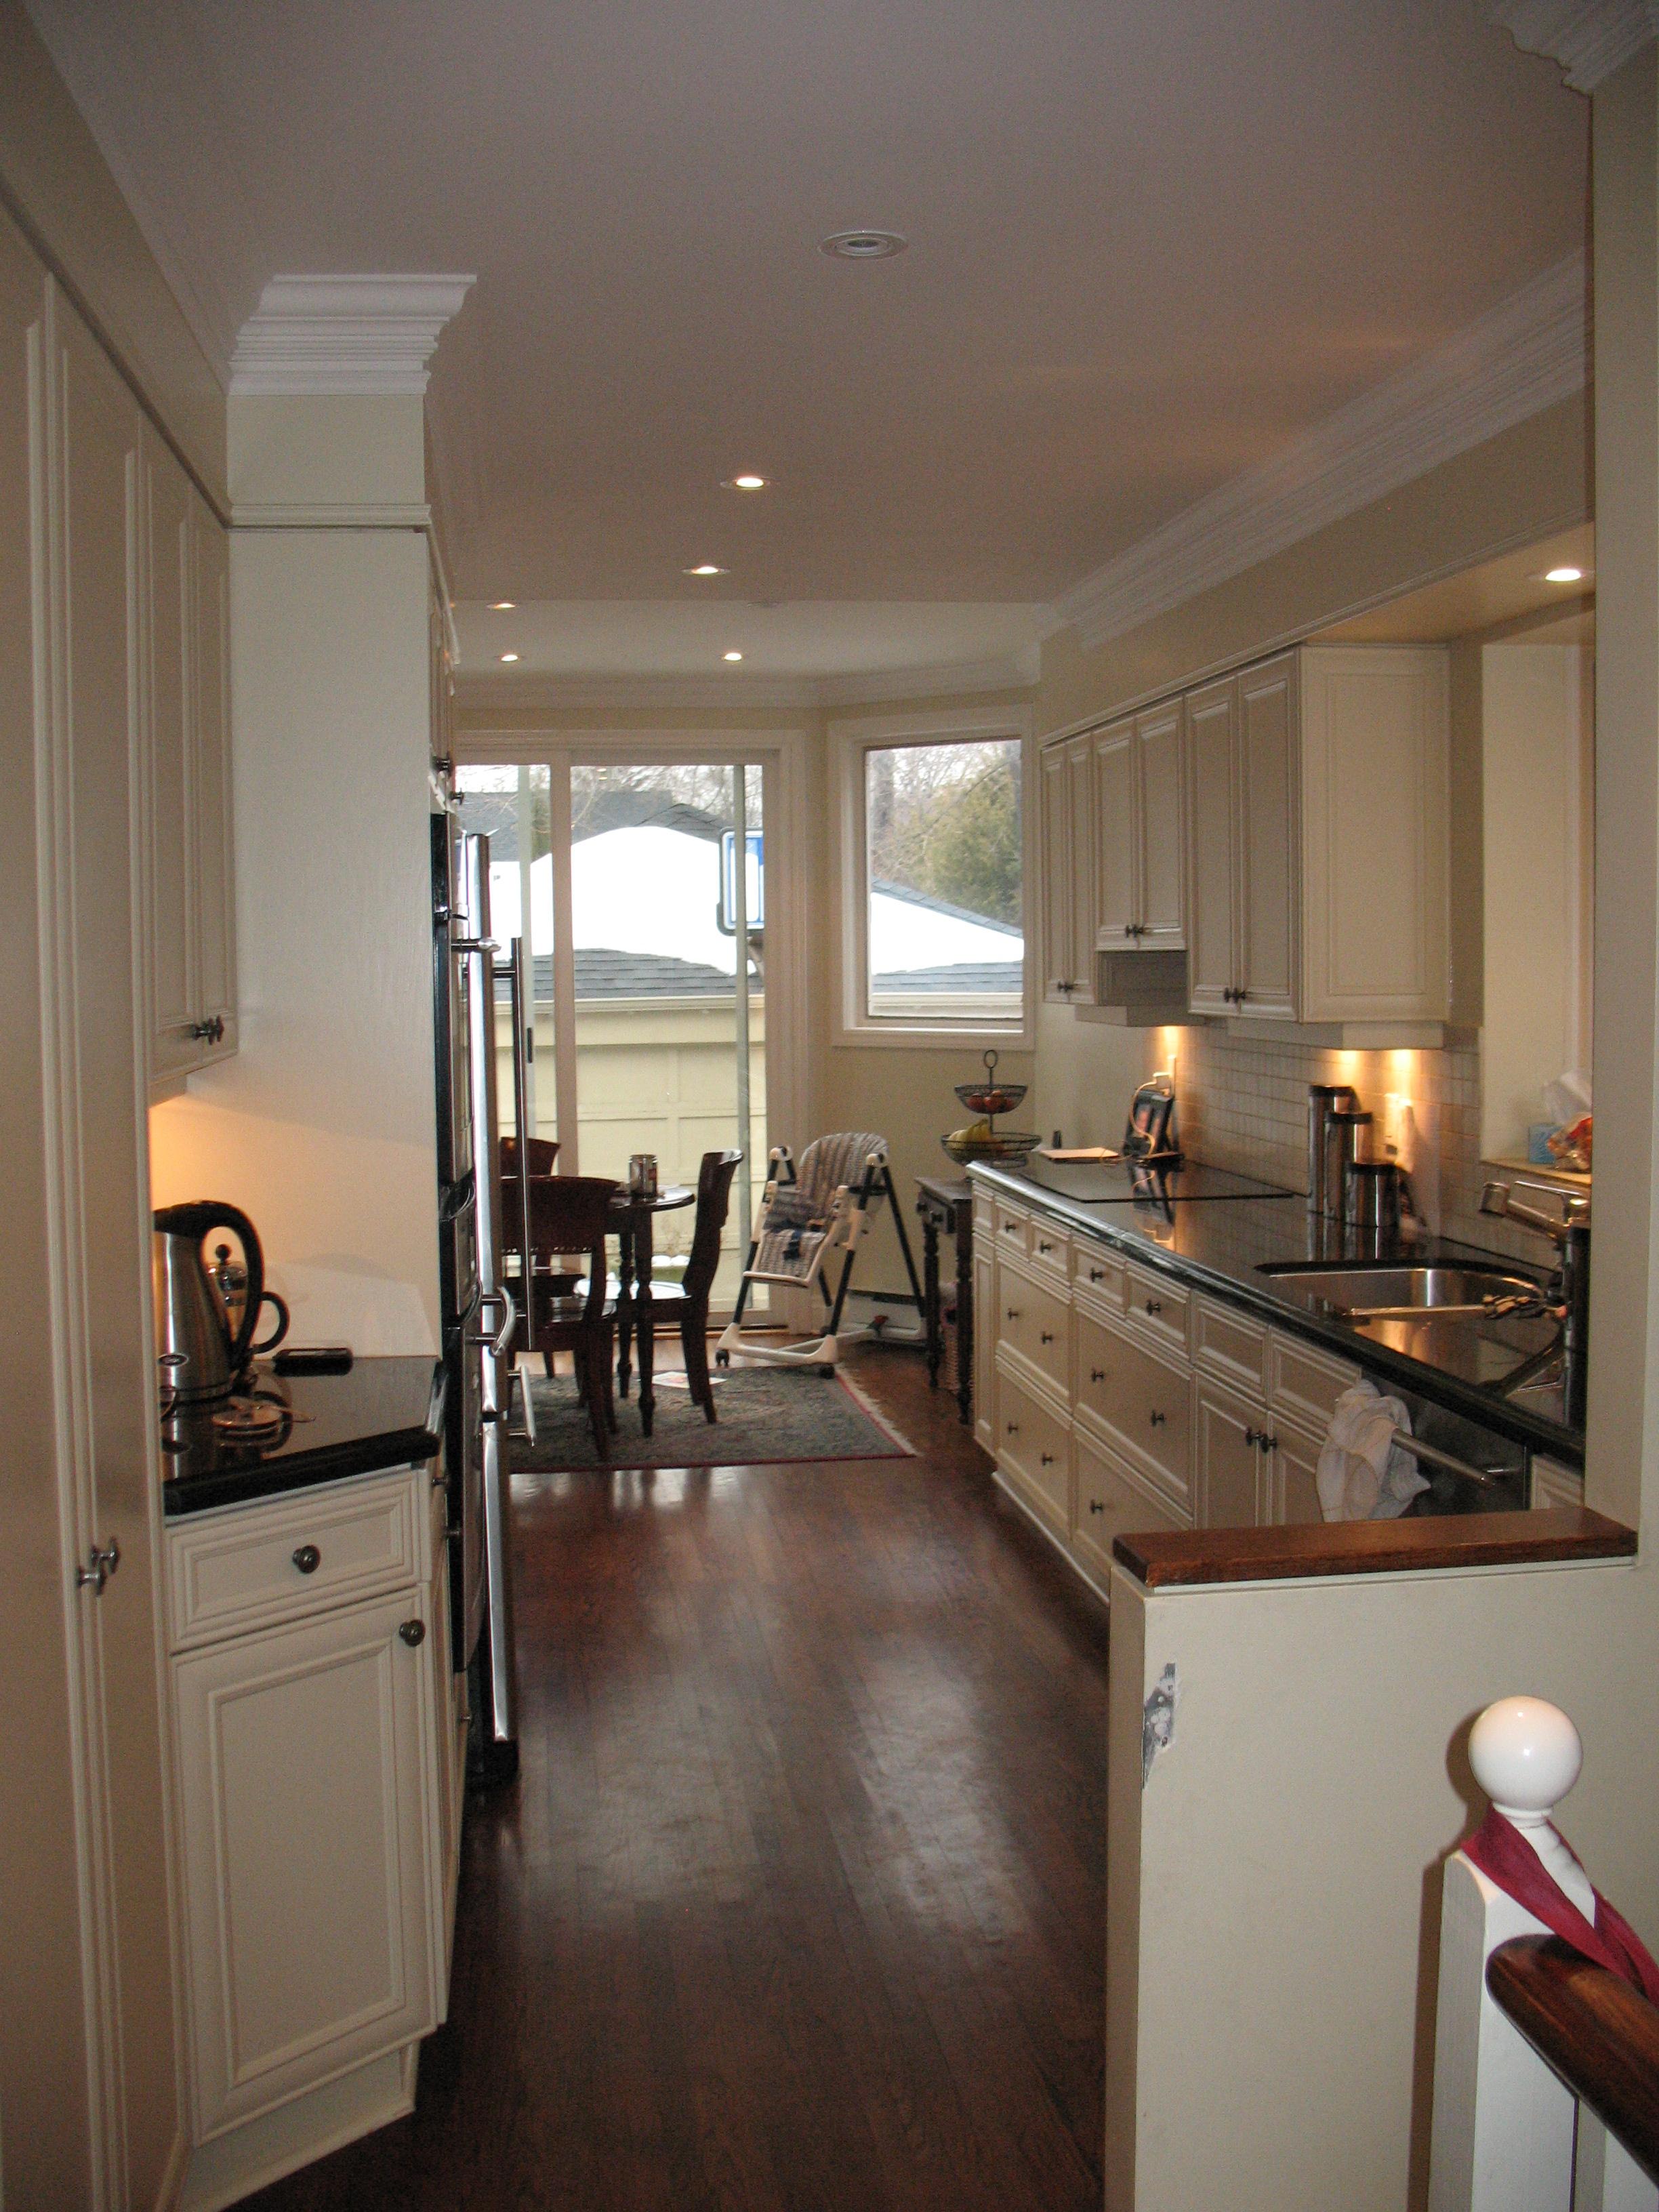 Before-Galley Kitchen.JPG